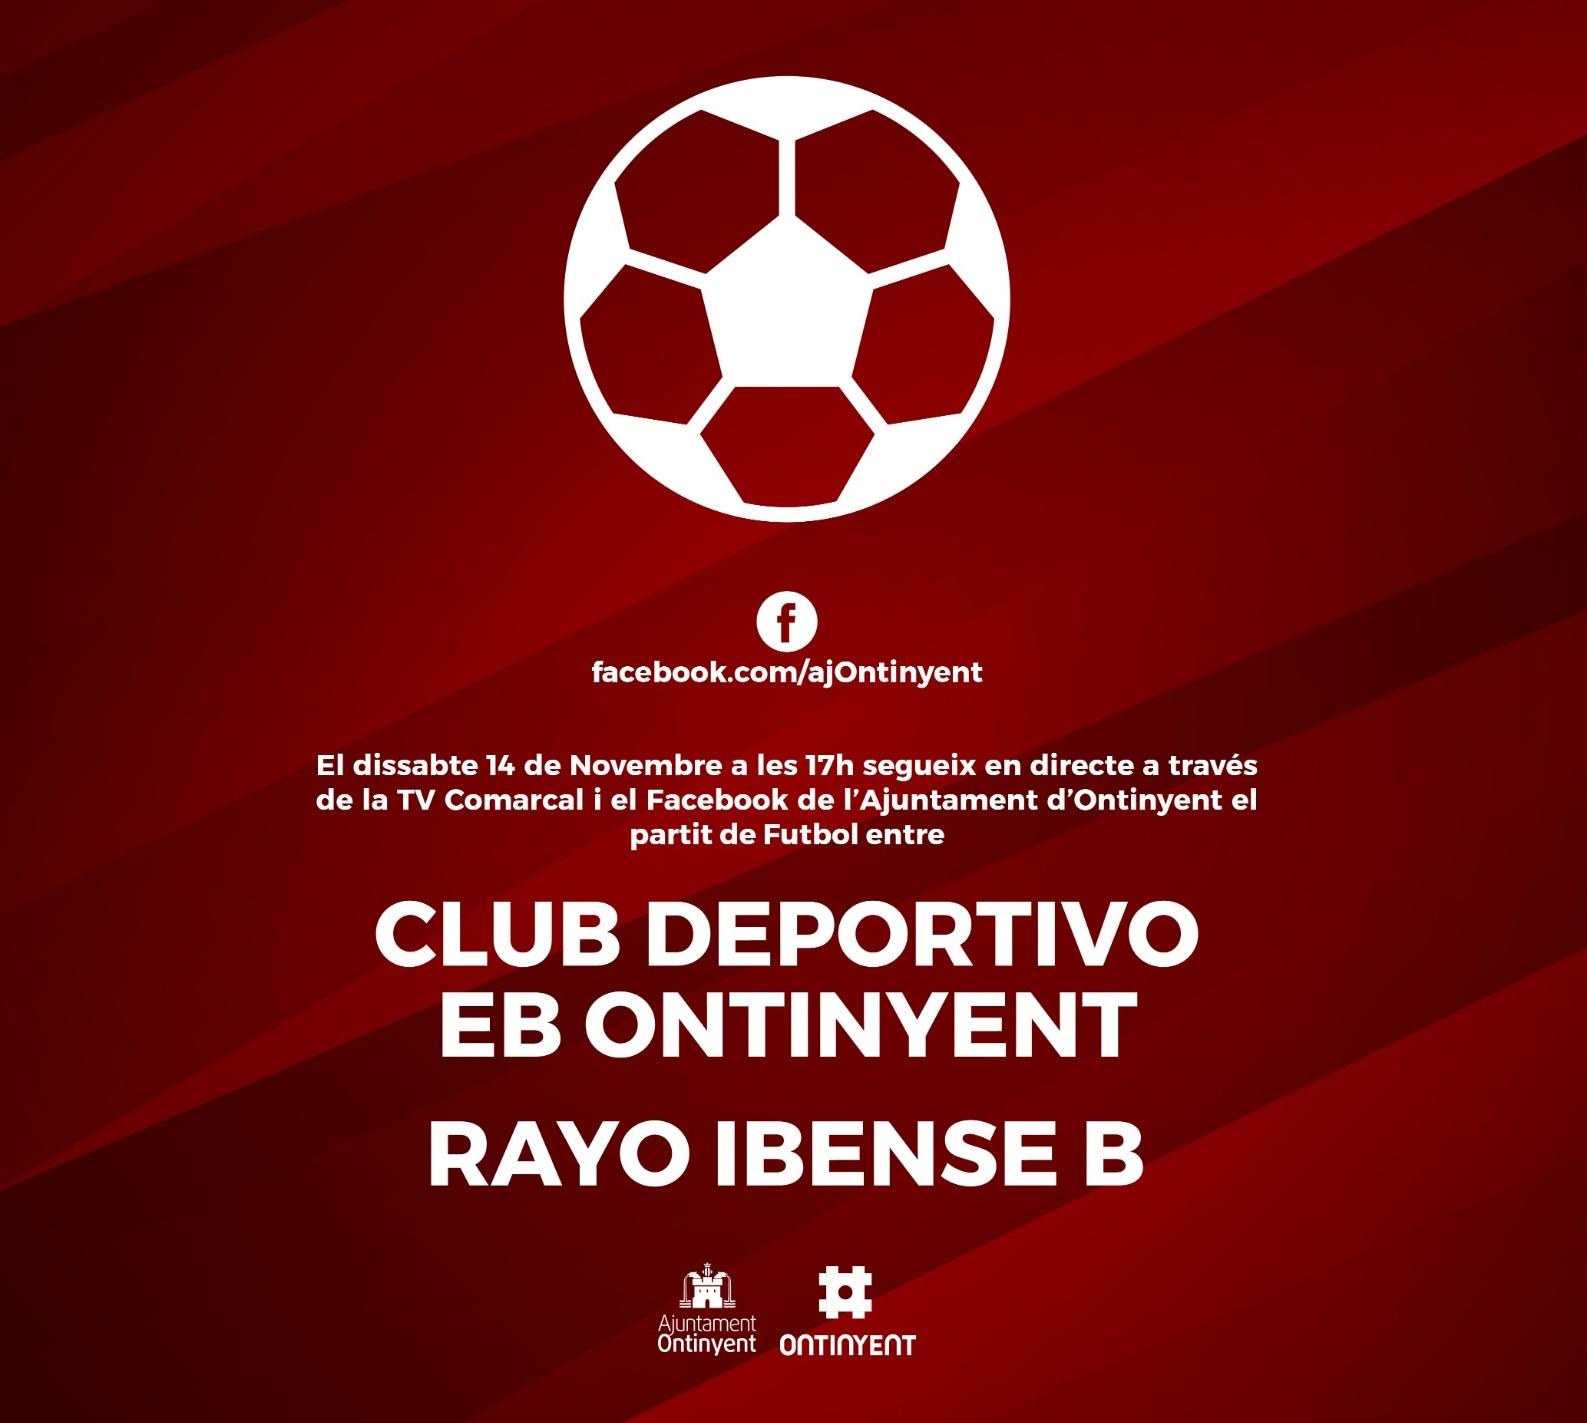 El Deportivo vs Rayo Ibense B, es vorà en directe al Facebook i la TV Comarcal